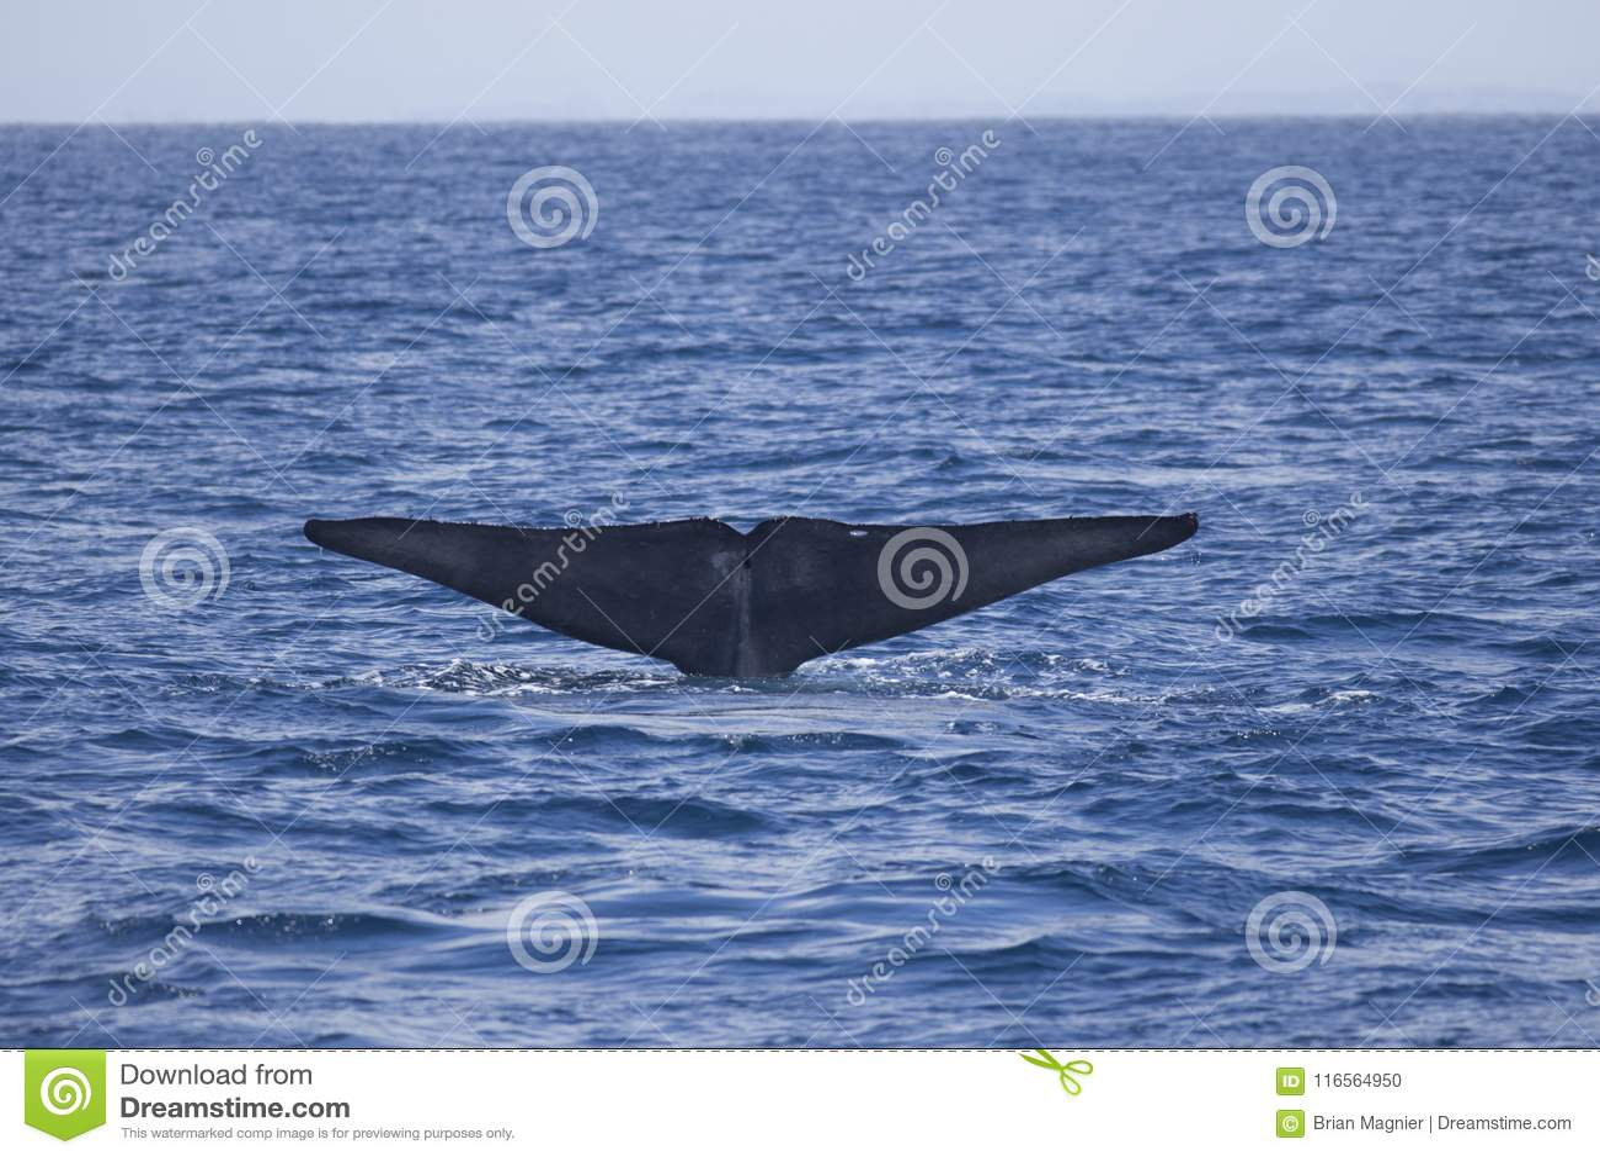 Flets de baleine bleue outre de la Californie